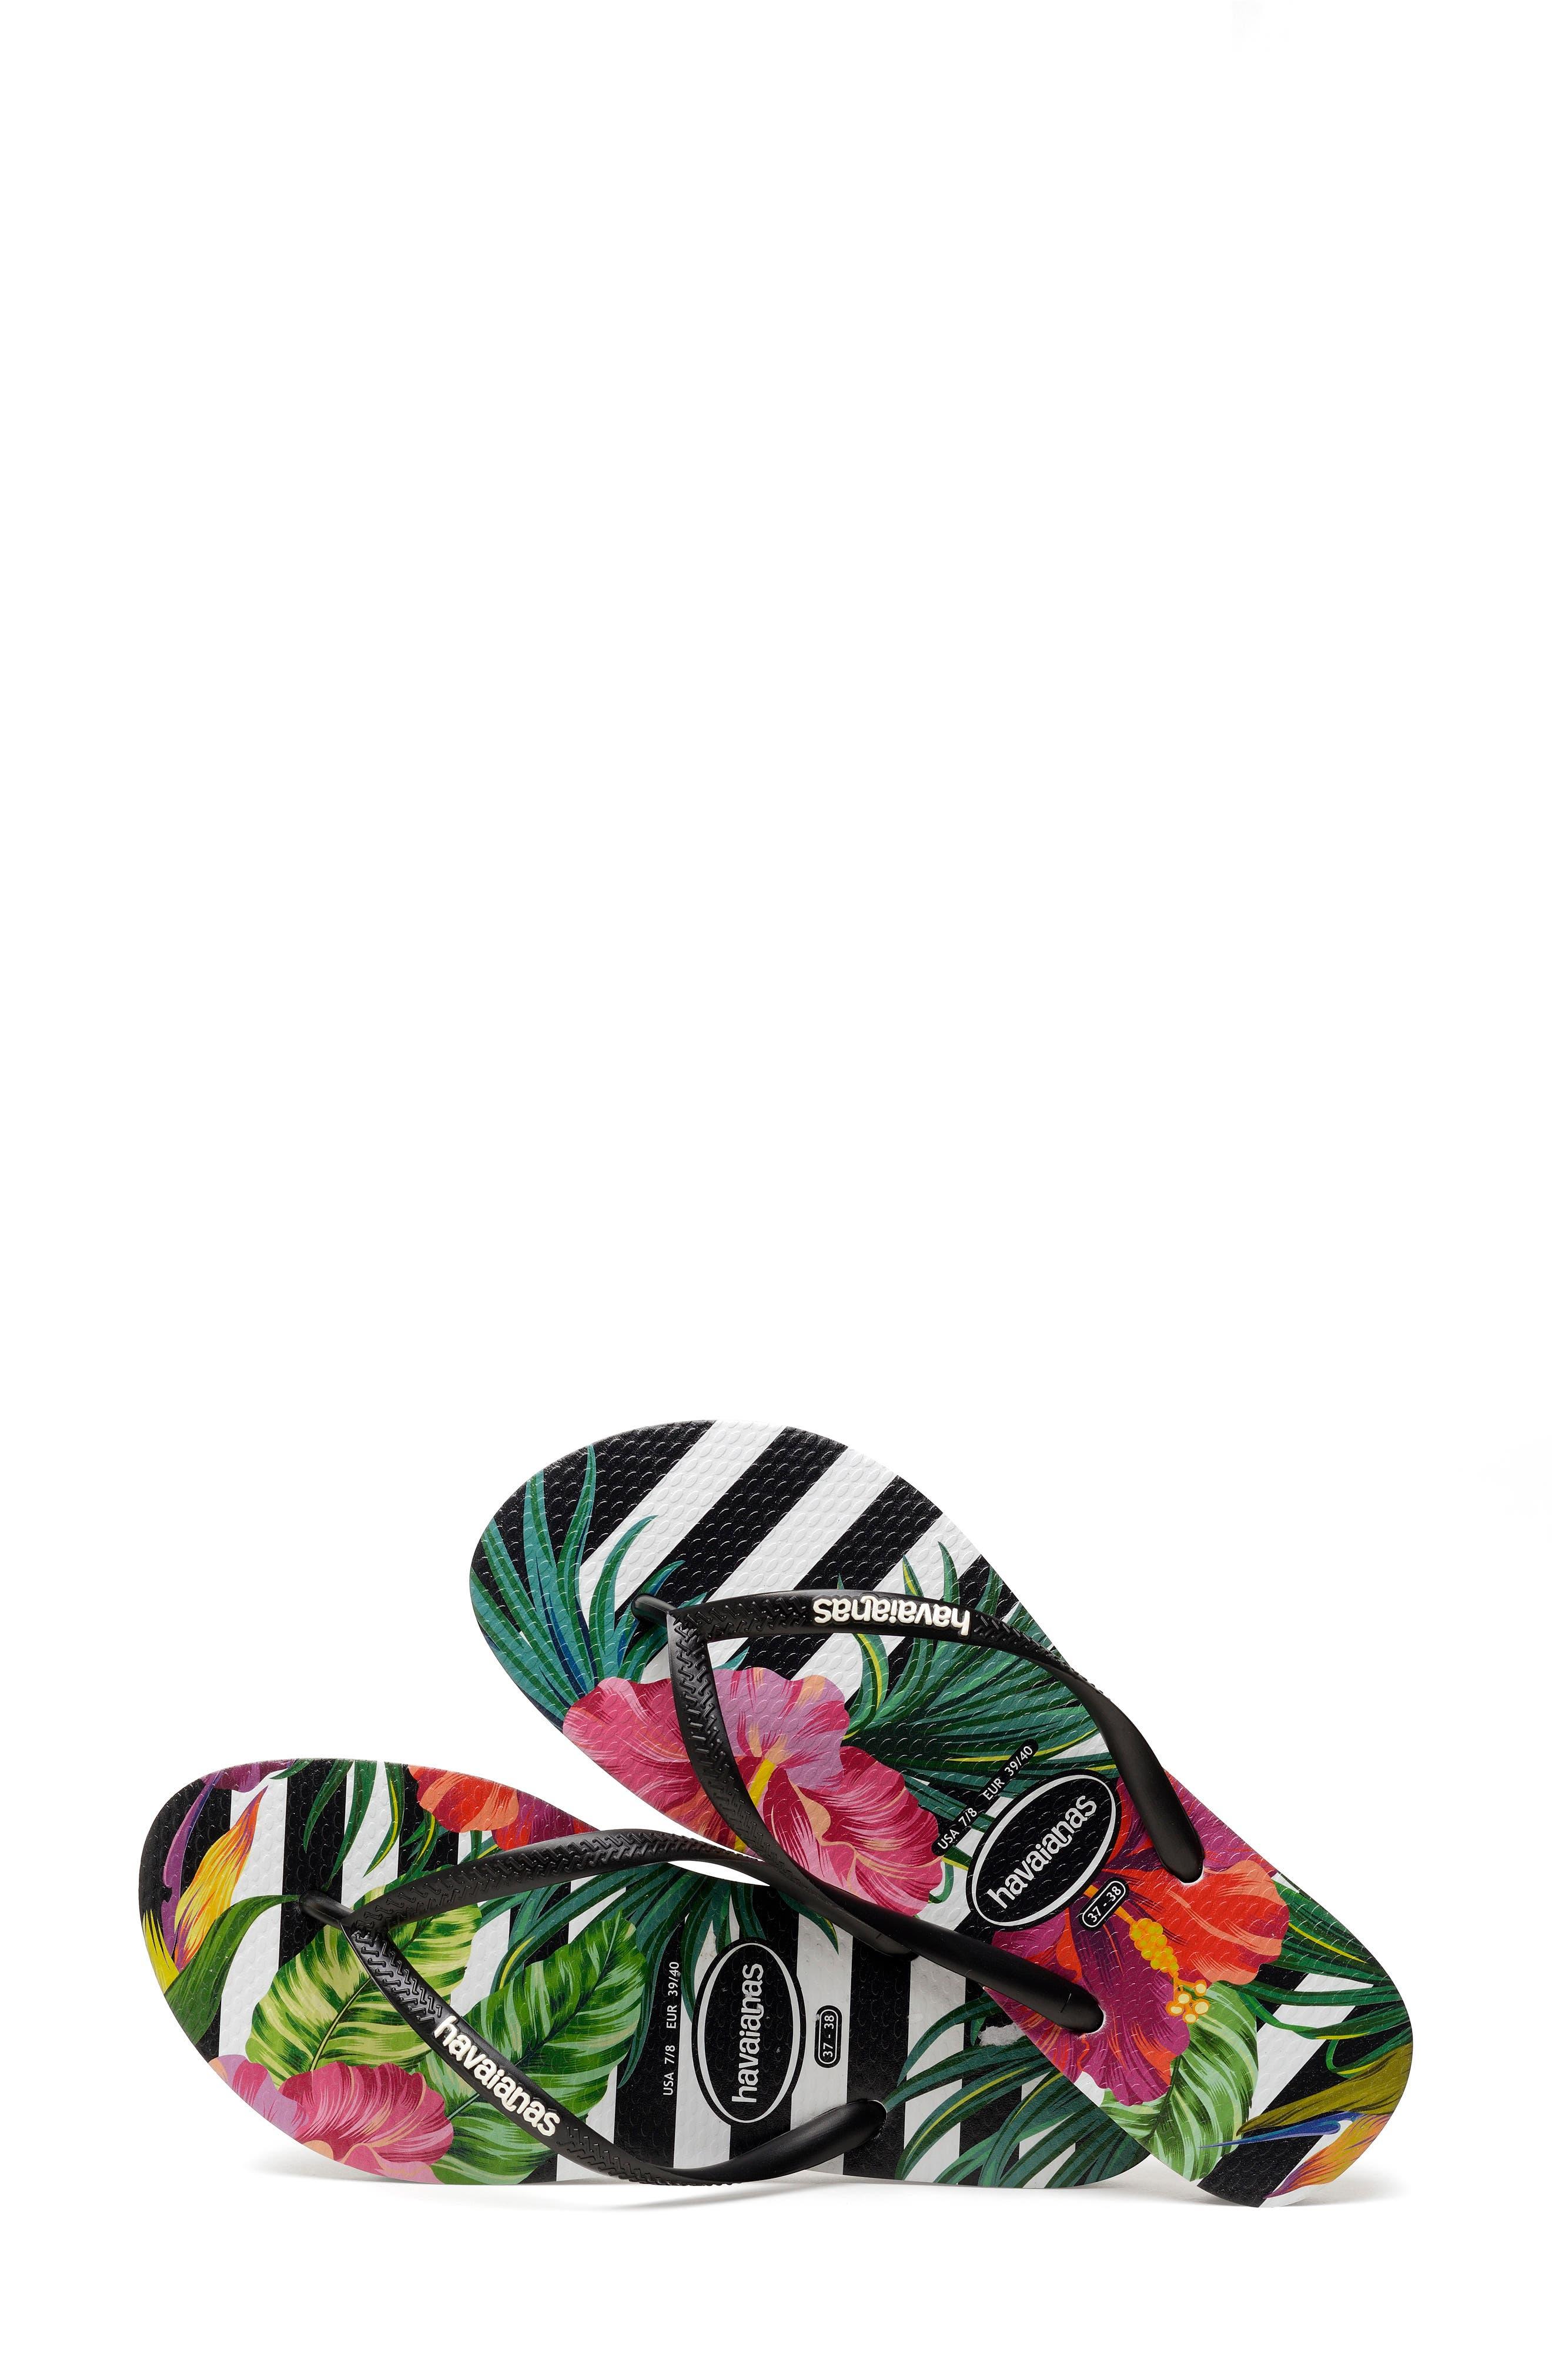 HAVAIANAS, Slim Tropical Floral Flip Flop, Alternate thumbnail 7, color, BLACK/ WHITE